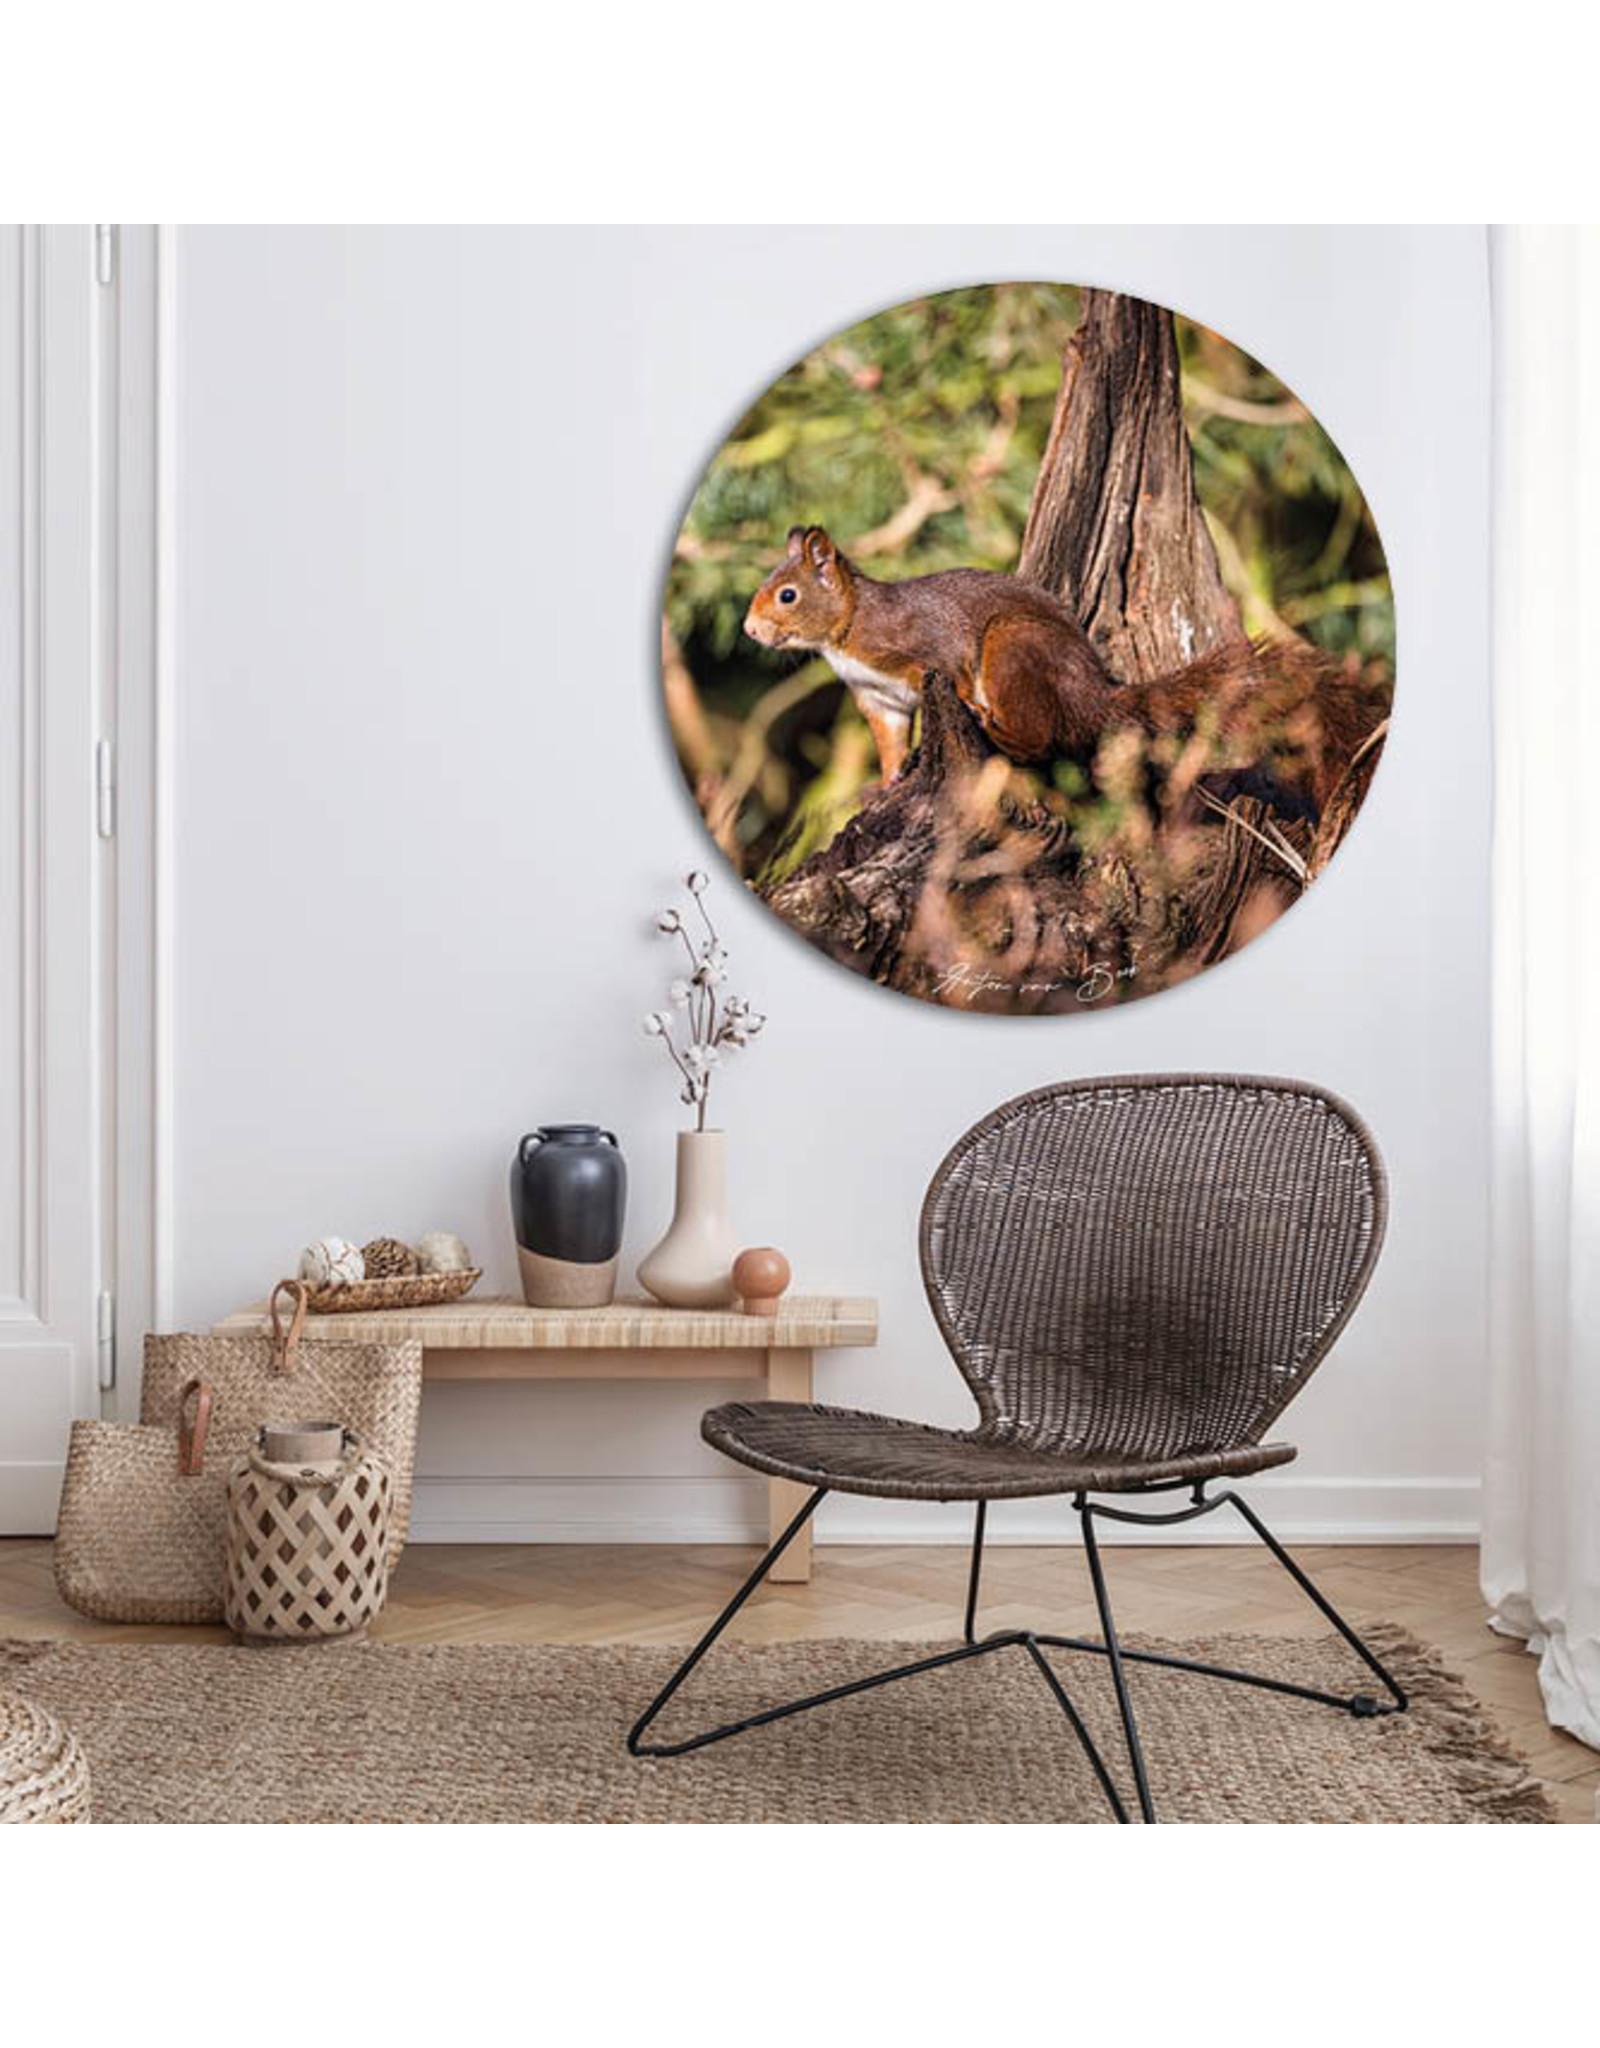 Dunnebier Home Muursticker Eekhoorn_3 - verwijderbaar